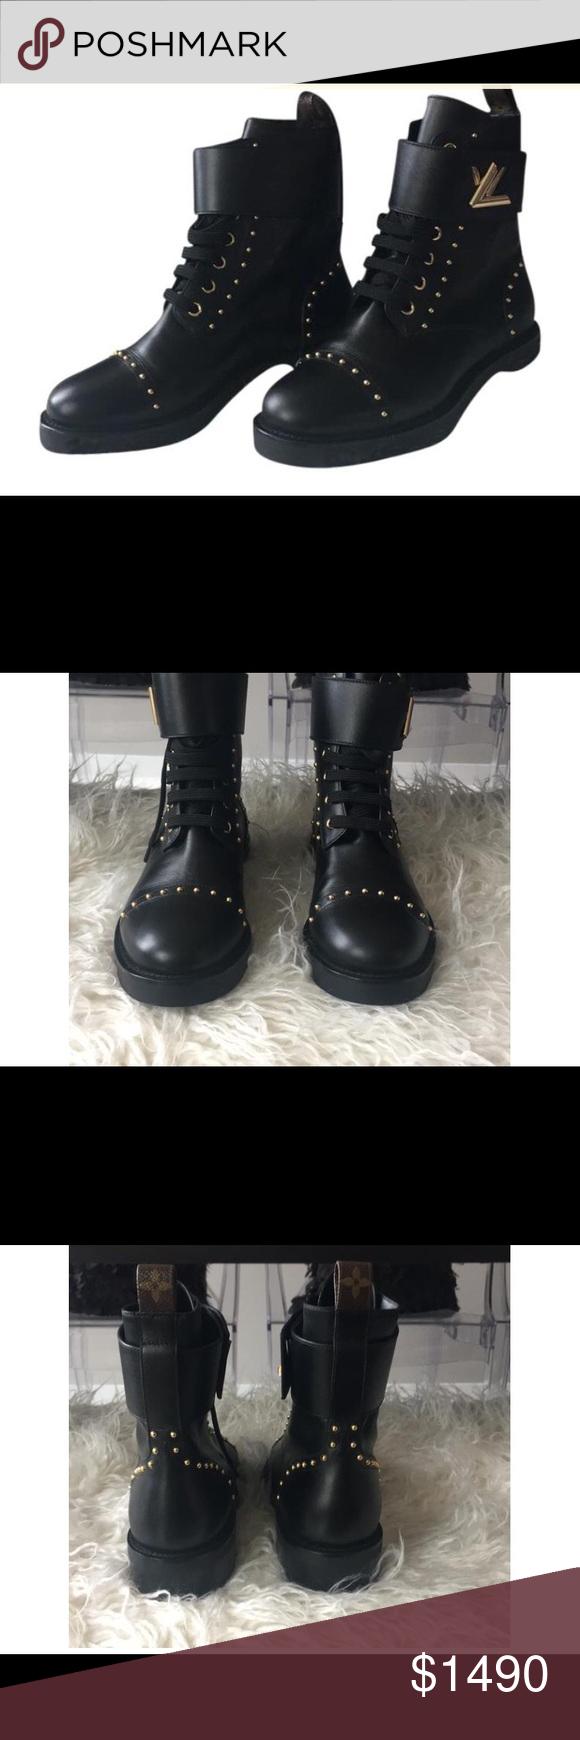 23de95f6fe1 Louis Vuitton Rockabilly Ranger Boots Brand new never worn. Includes ...